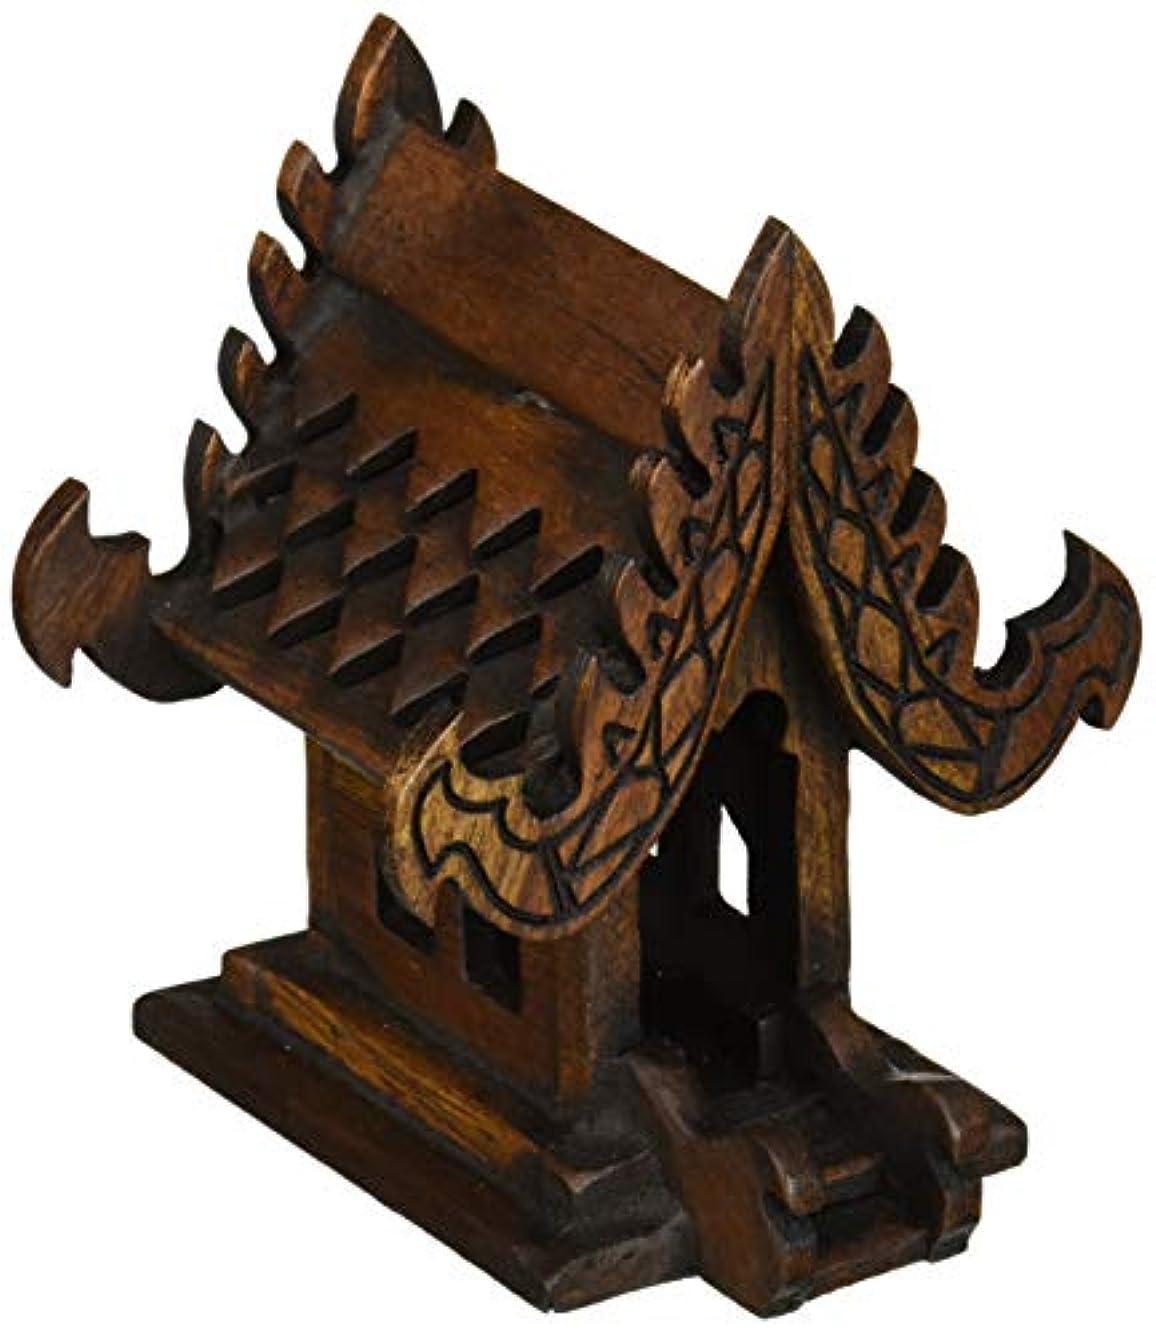 エンジン重要な酸っぱいデザインunseenthailandタイ仏教でハンドメイドチーク材木製Spirit家。 W4